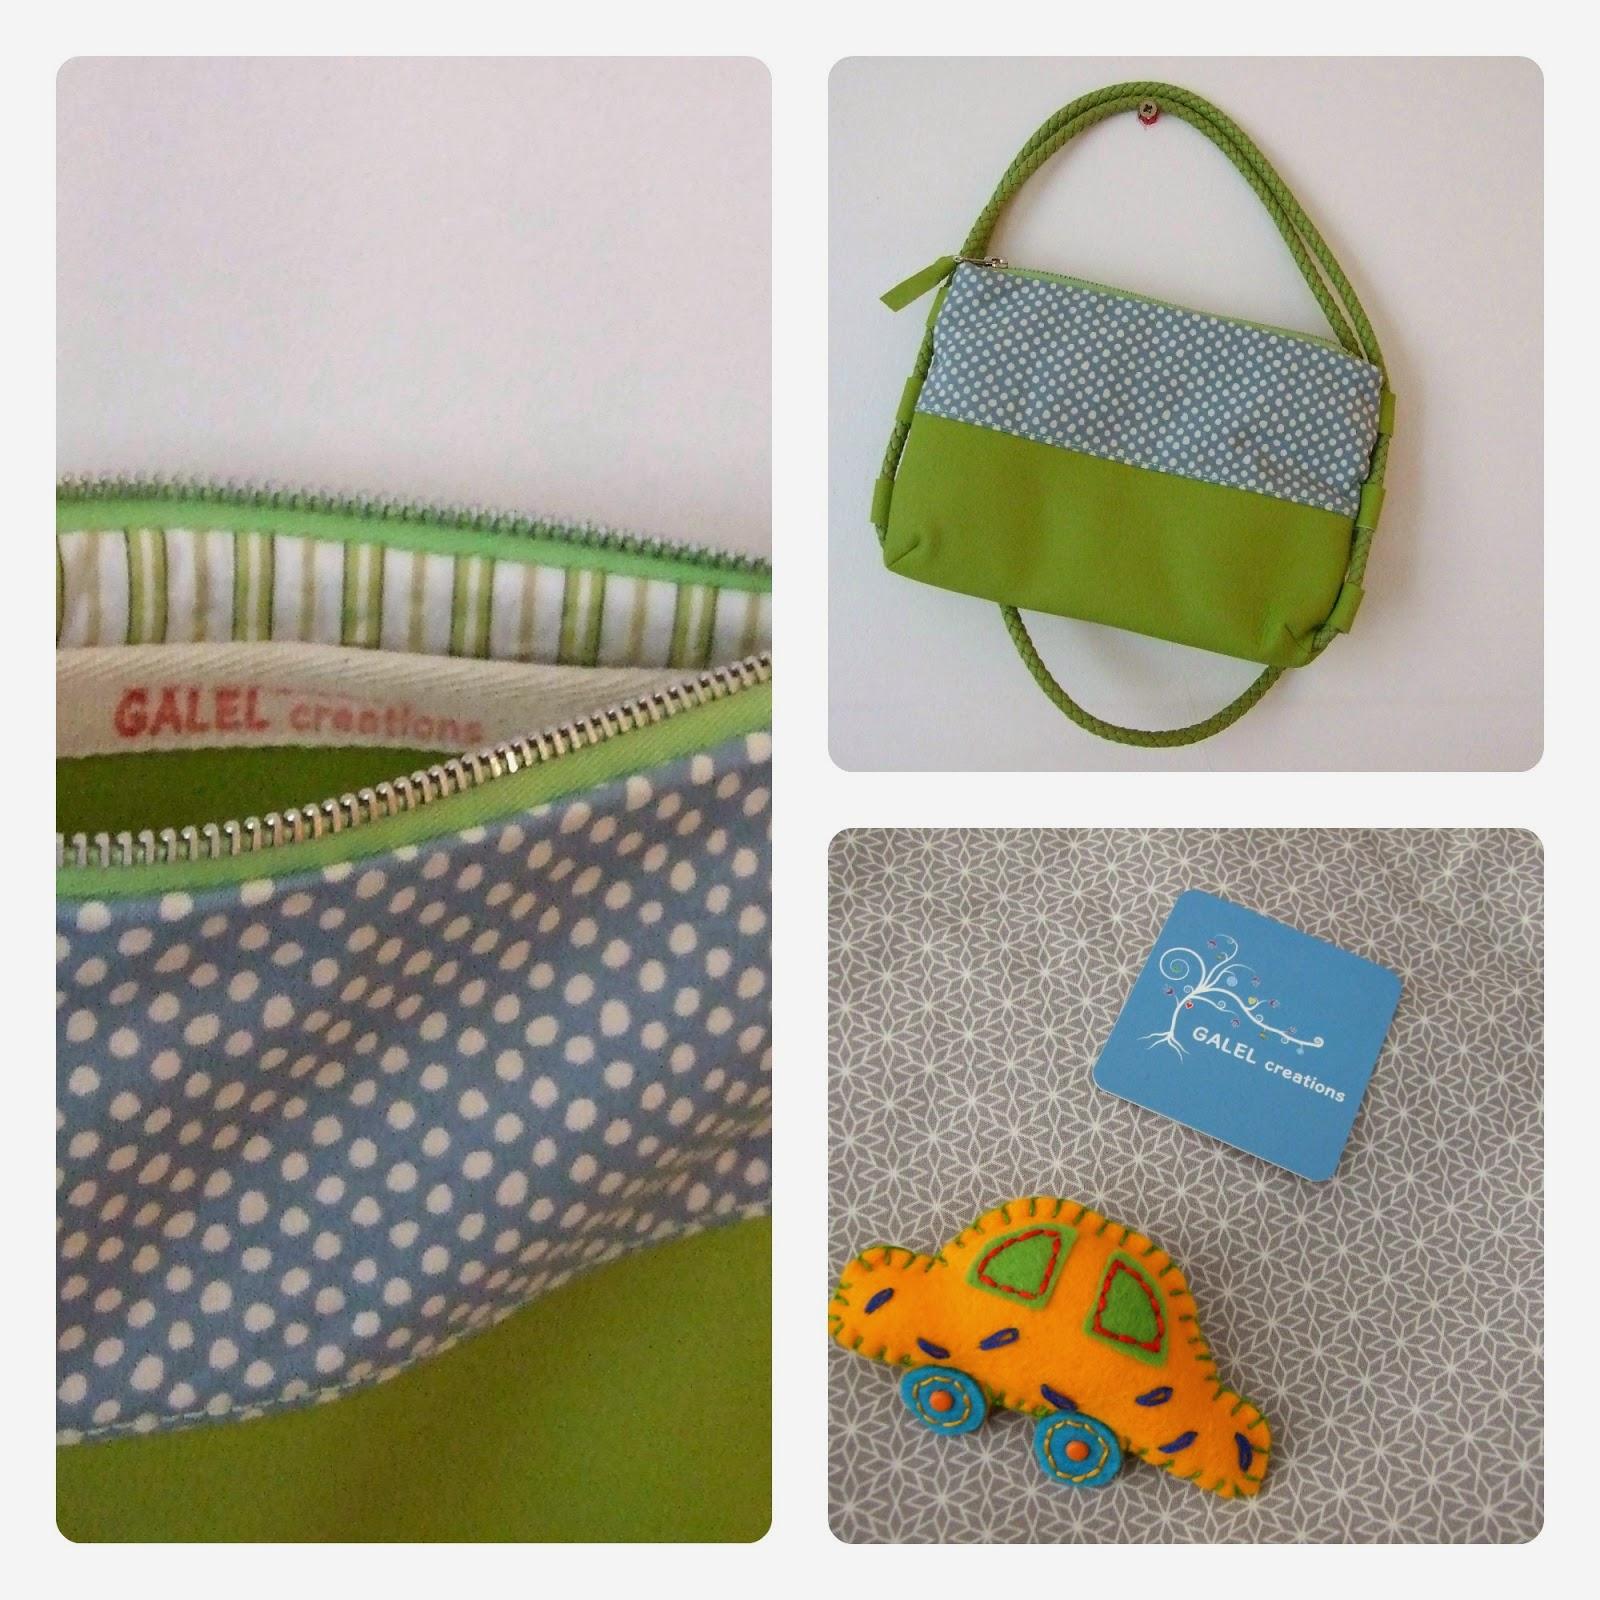 Handmade bag Galel creations La vie en DIY